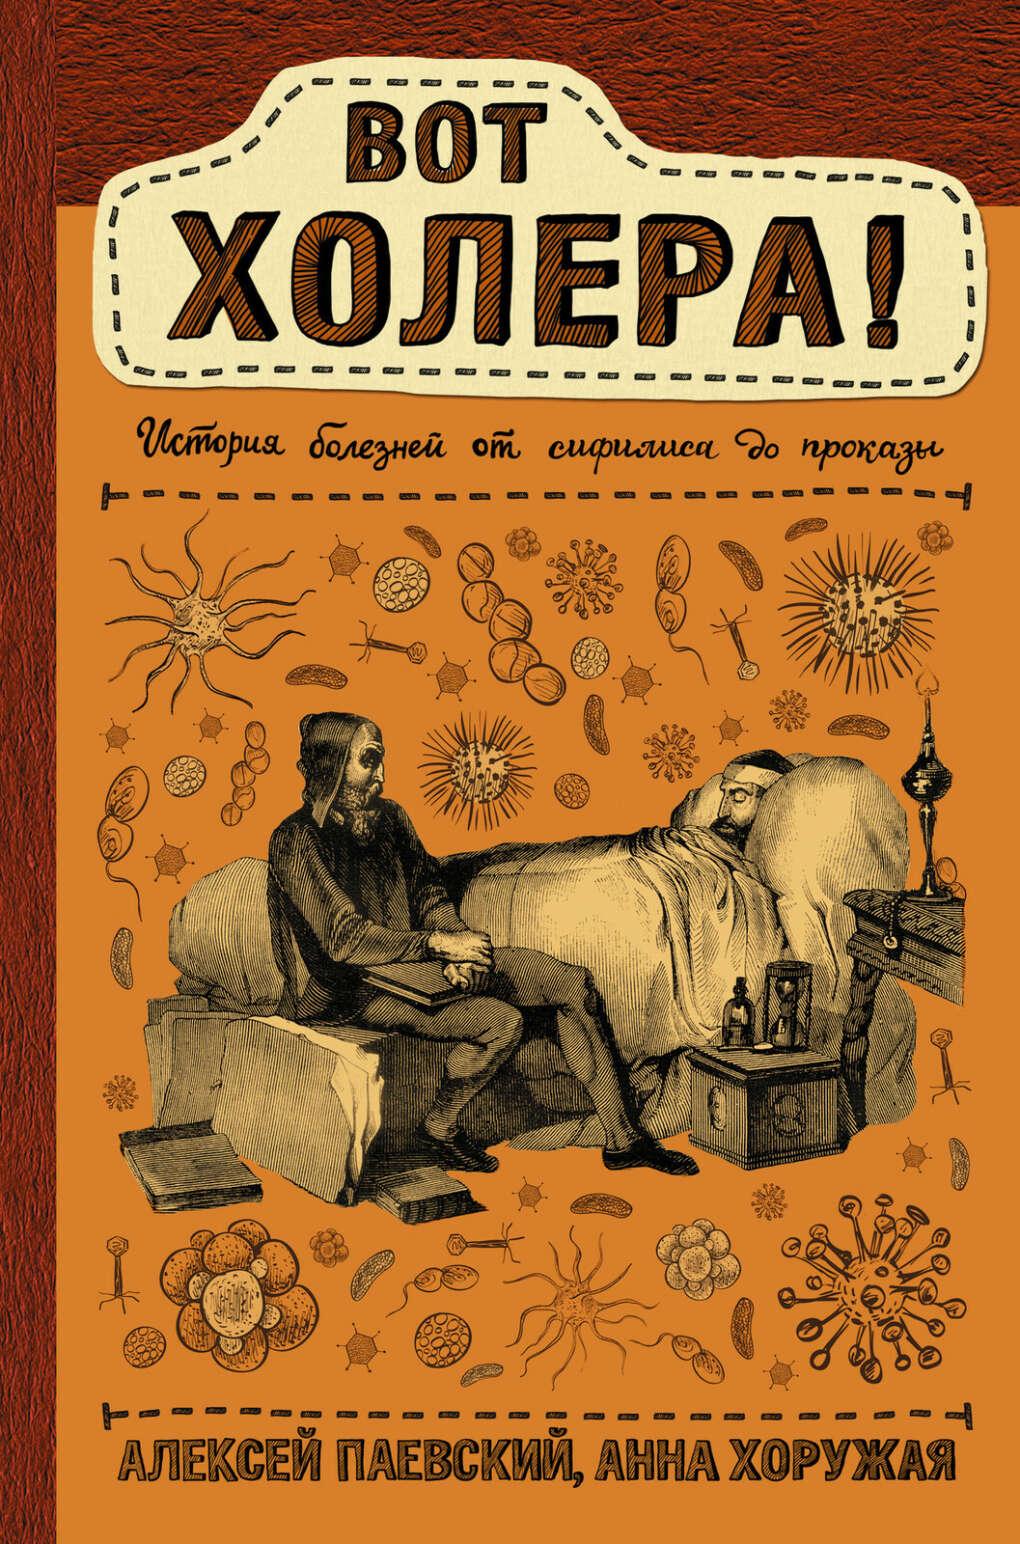 Алексей Паевский, Анна Хоружая - Вот холера!